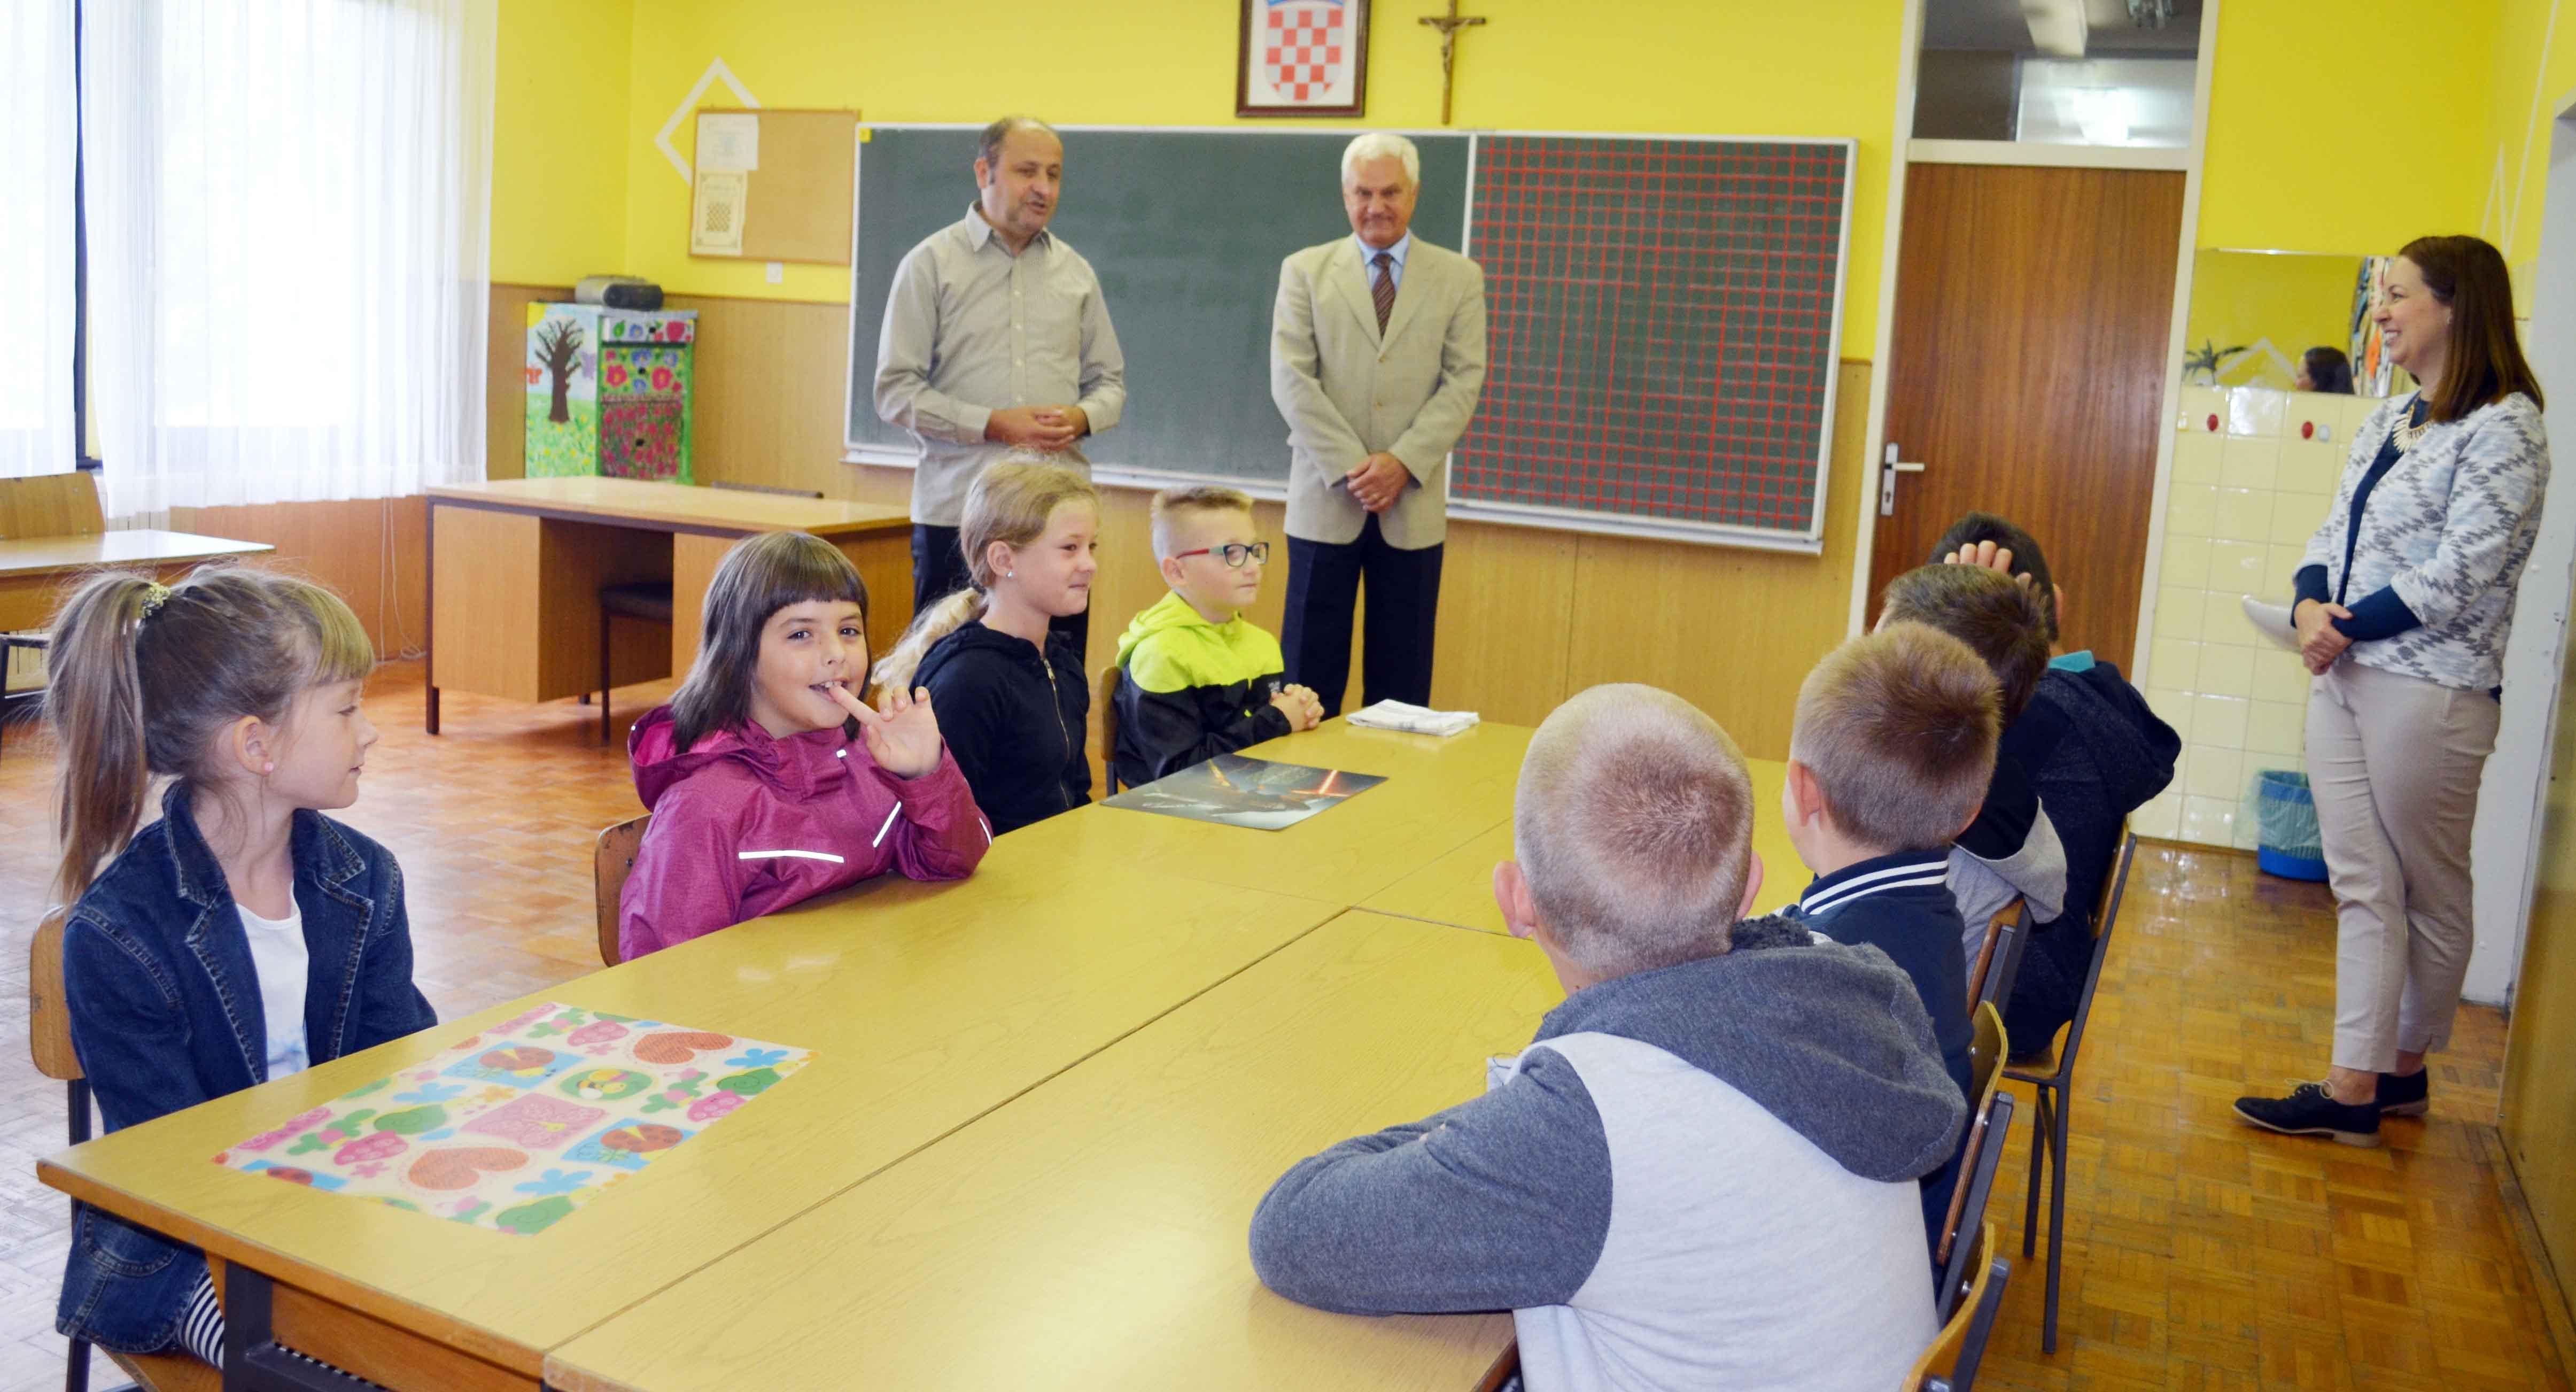 Crnoluške osnovce, njih osmero, pozdravili su ravnatelj škole Mladen Bolf te delnički gradonačelnik Ivica Knežević